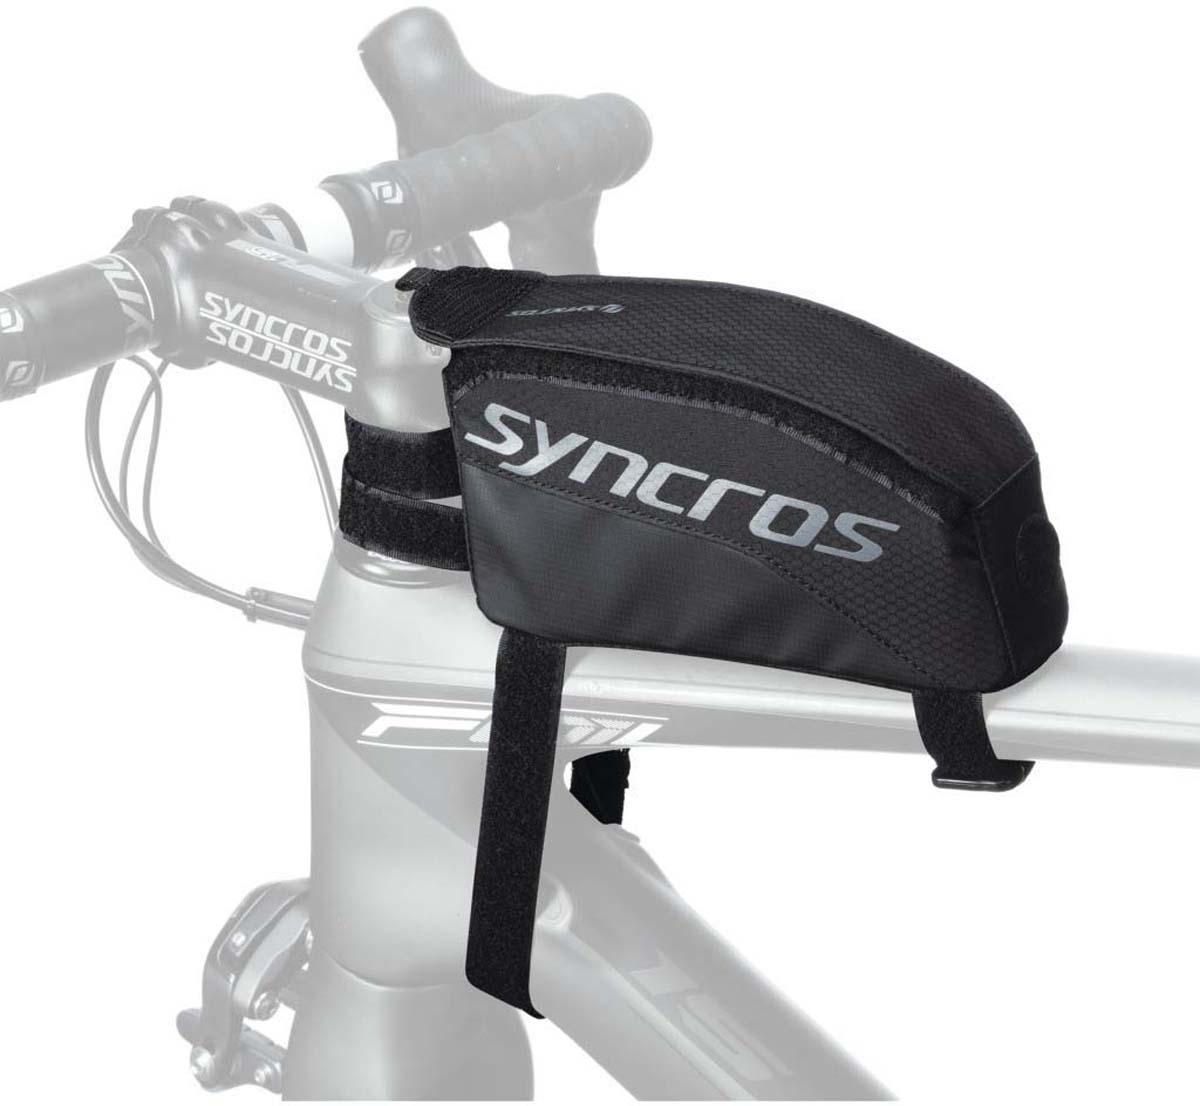 Велосумка на раму Syncros Frame Nutrition, цвет: черный, серый, 18 х 4 х 8 см233731Нарамная сумка Syncros Frame Nutrition (черно-серая) крепится эластичными ремешками на верхнюю трубу в районе рулевого стакана. Можно открыть одной рукой благодаря продуманной системе открывания. Дополнительный ремешок не дает сумке сползать с рамы.Особенности Syncros Frame Nutrition: - Система открывания одной рукой. - Внутренняя фиксация для инструмента. - Размеры: длина 18 см, высота 8 см х ширина 4 см.